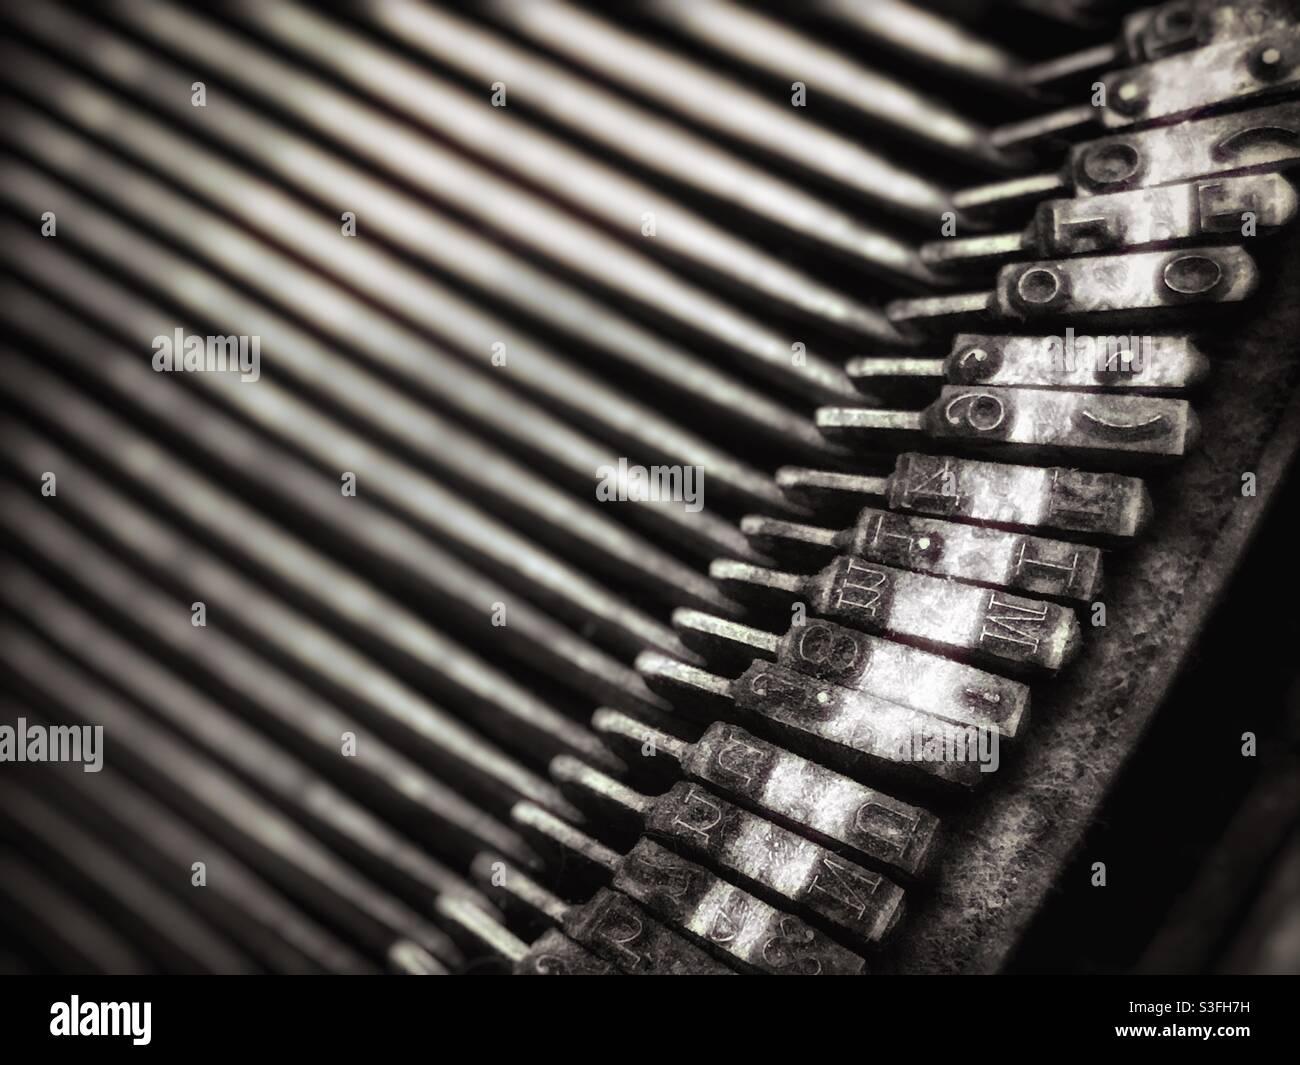 Detailbild von Vintage Schreibmaschinen Strikern in Sepia-Ton Stockfoto